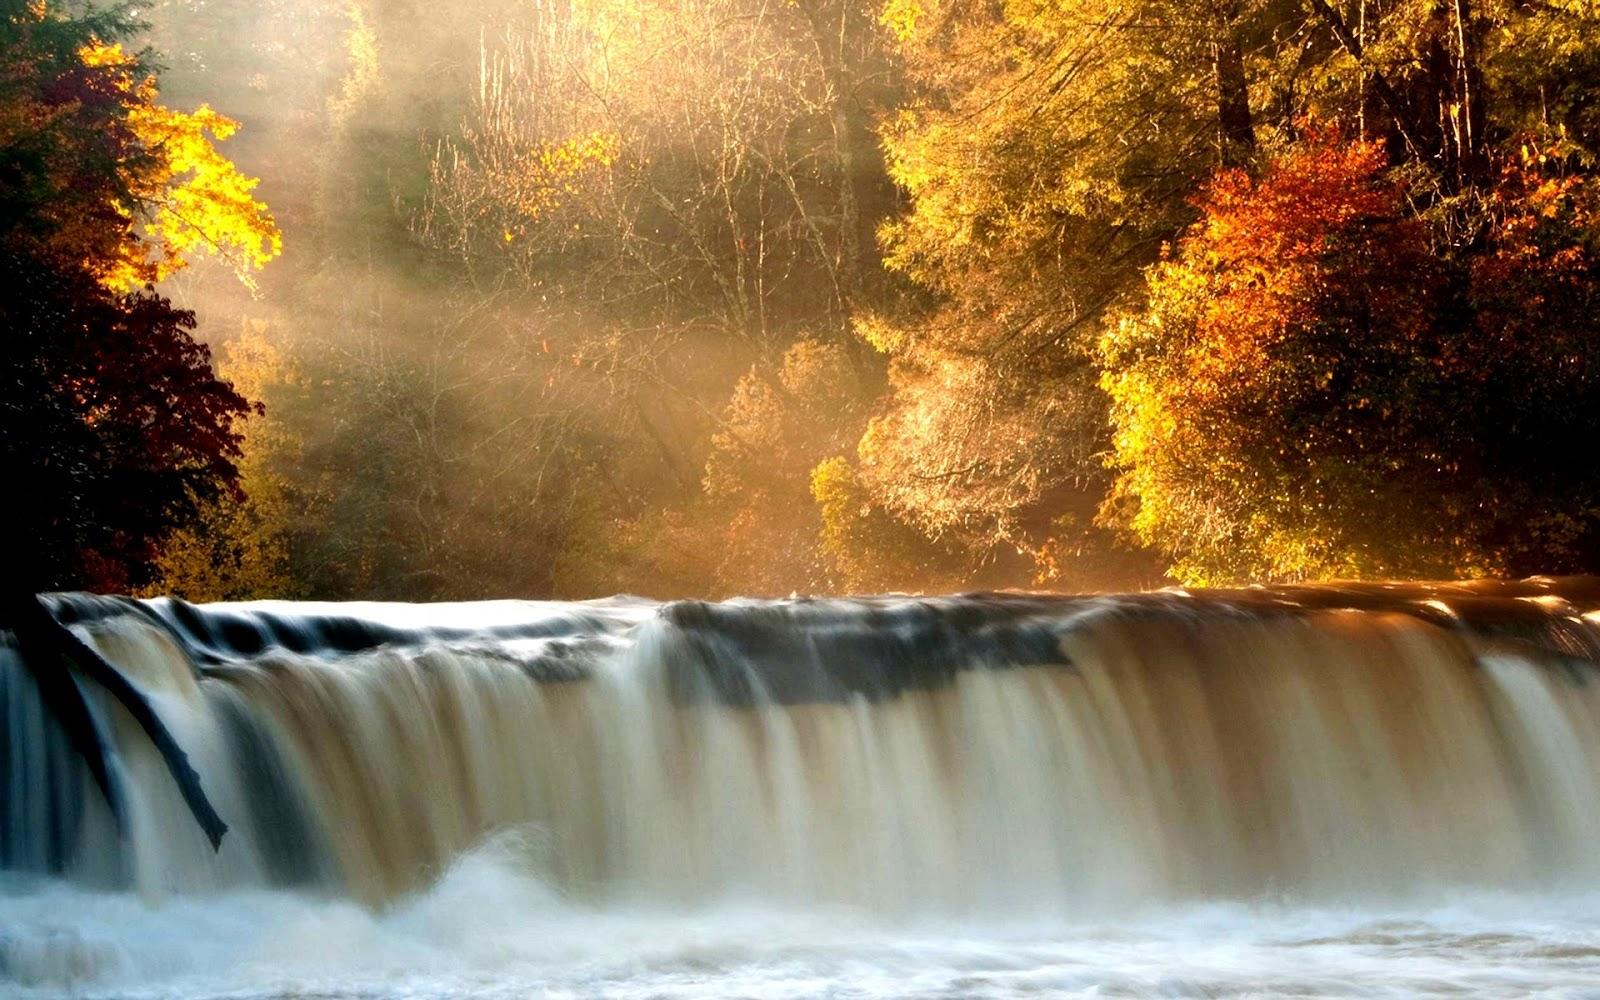 Hình nền máy tính thác nước đổ đẹp mê mẩn nguời xem